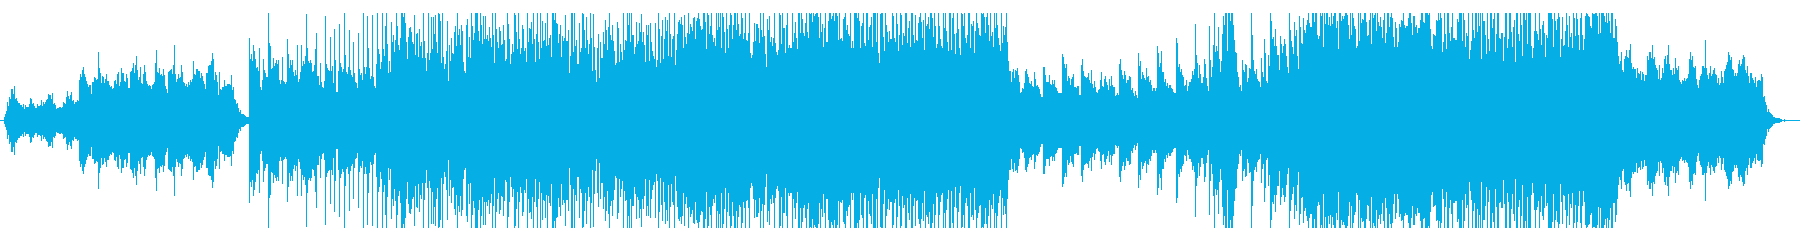 逆境から立ち上がるロックピアノインストの再生済みの波形